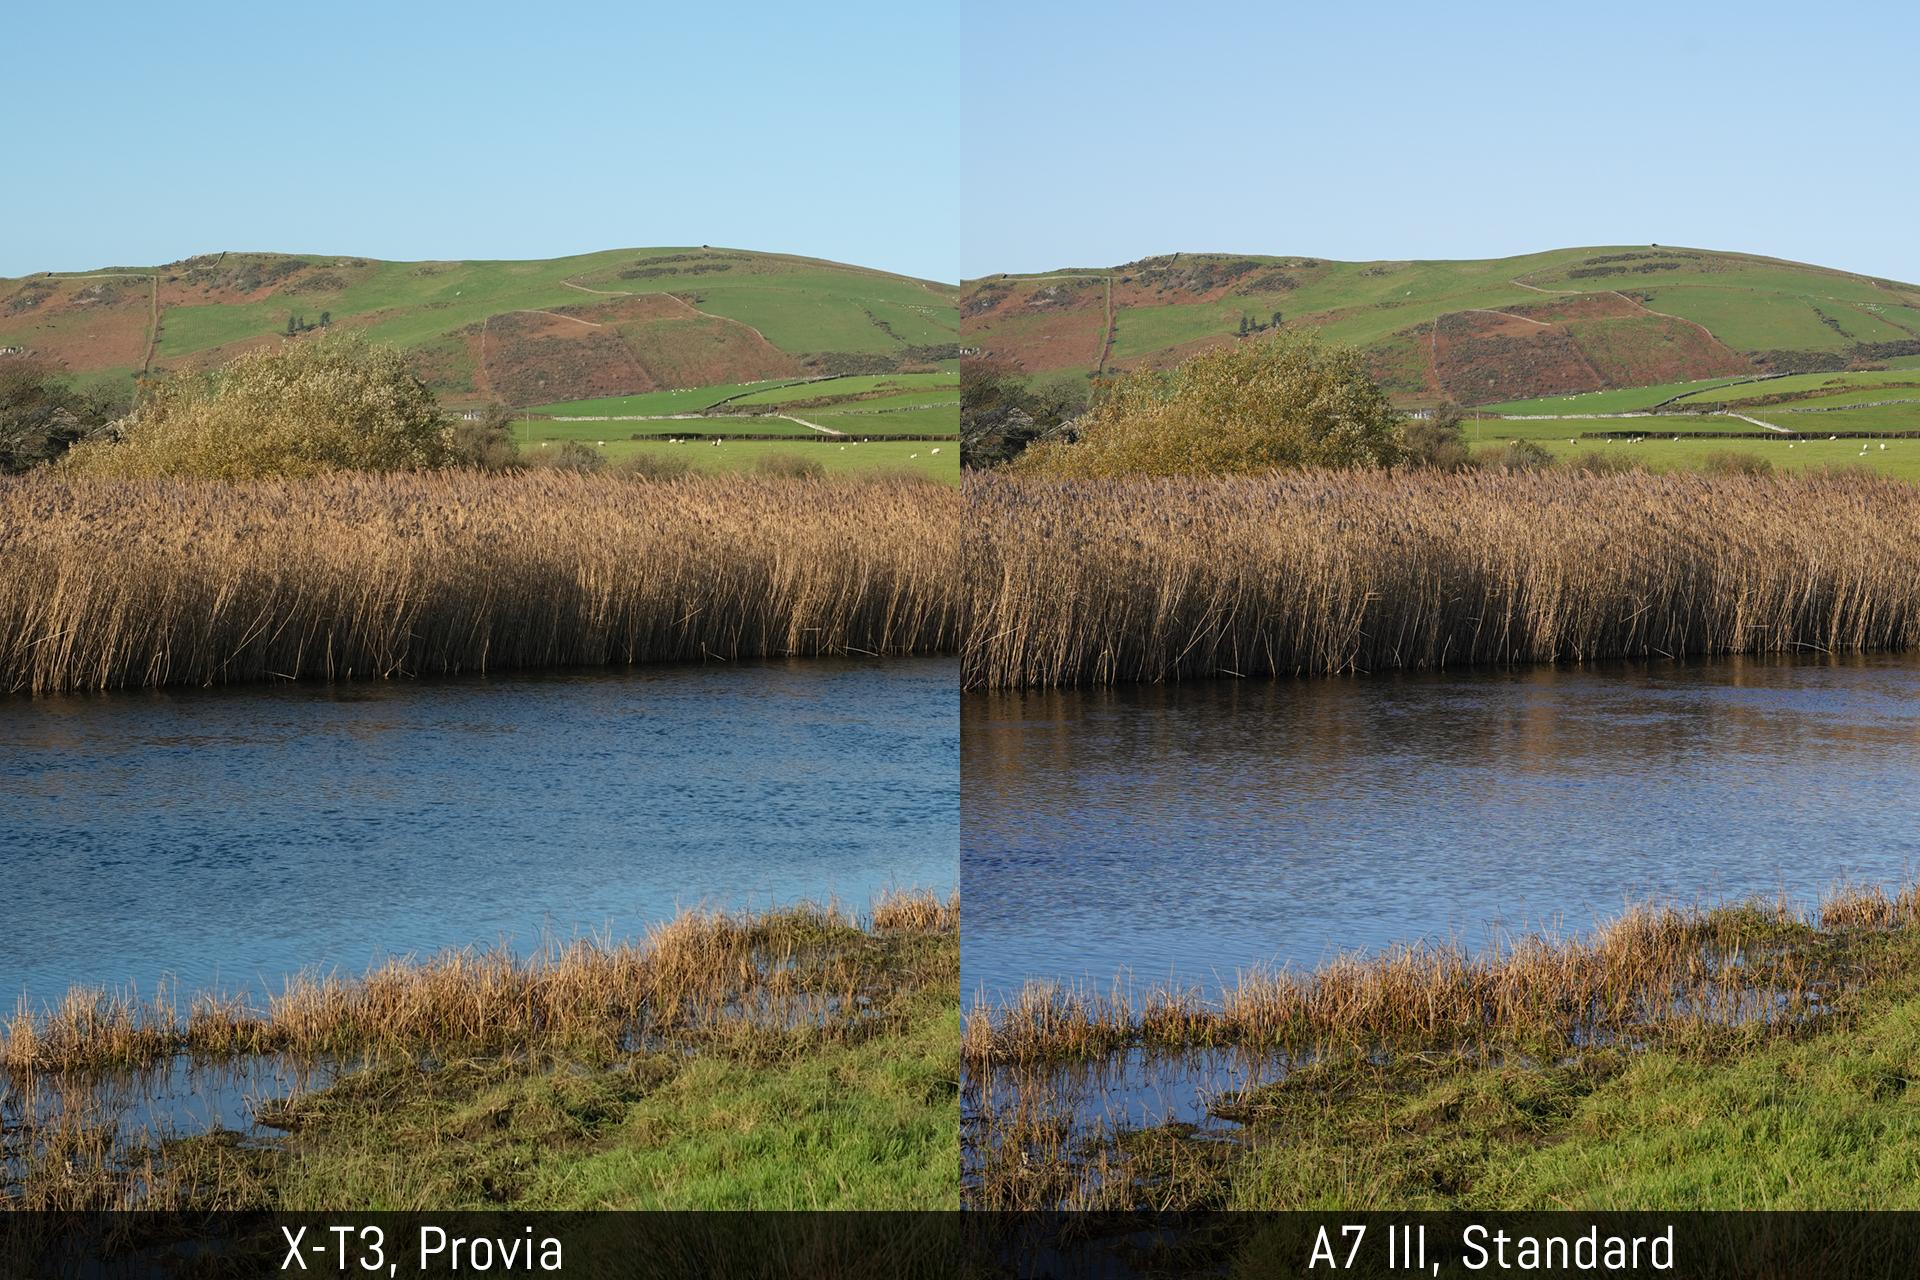 Fujifilm X-T3 vs Sony A7 III – Five key points analysed